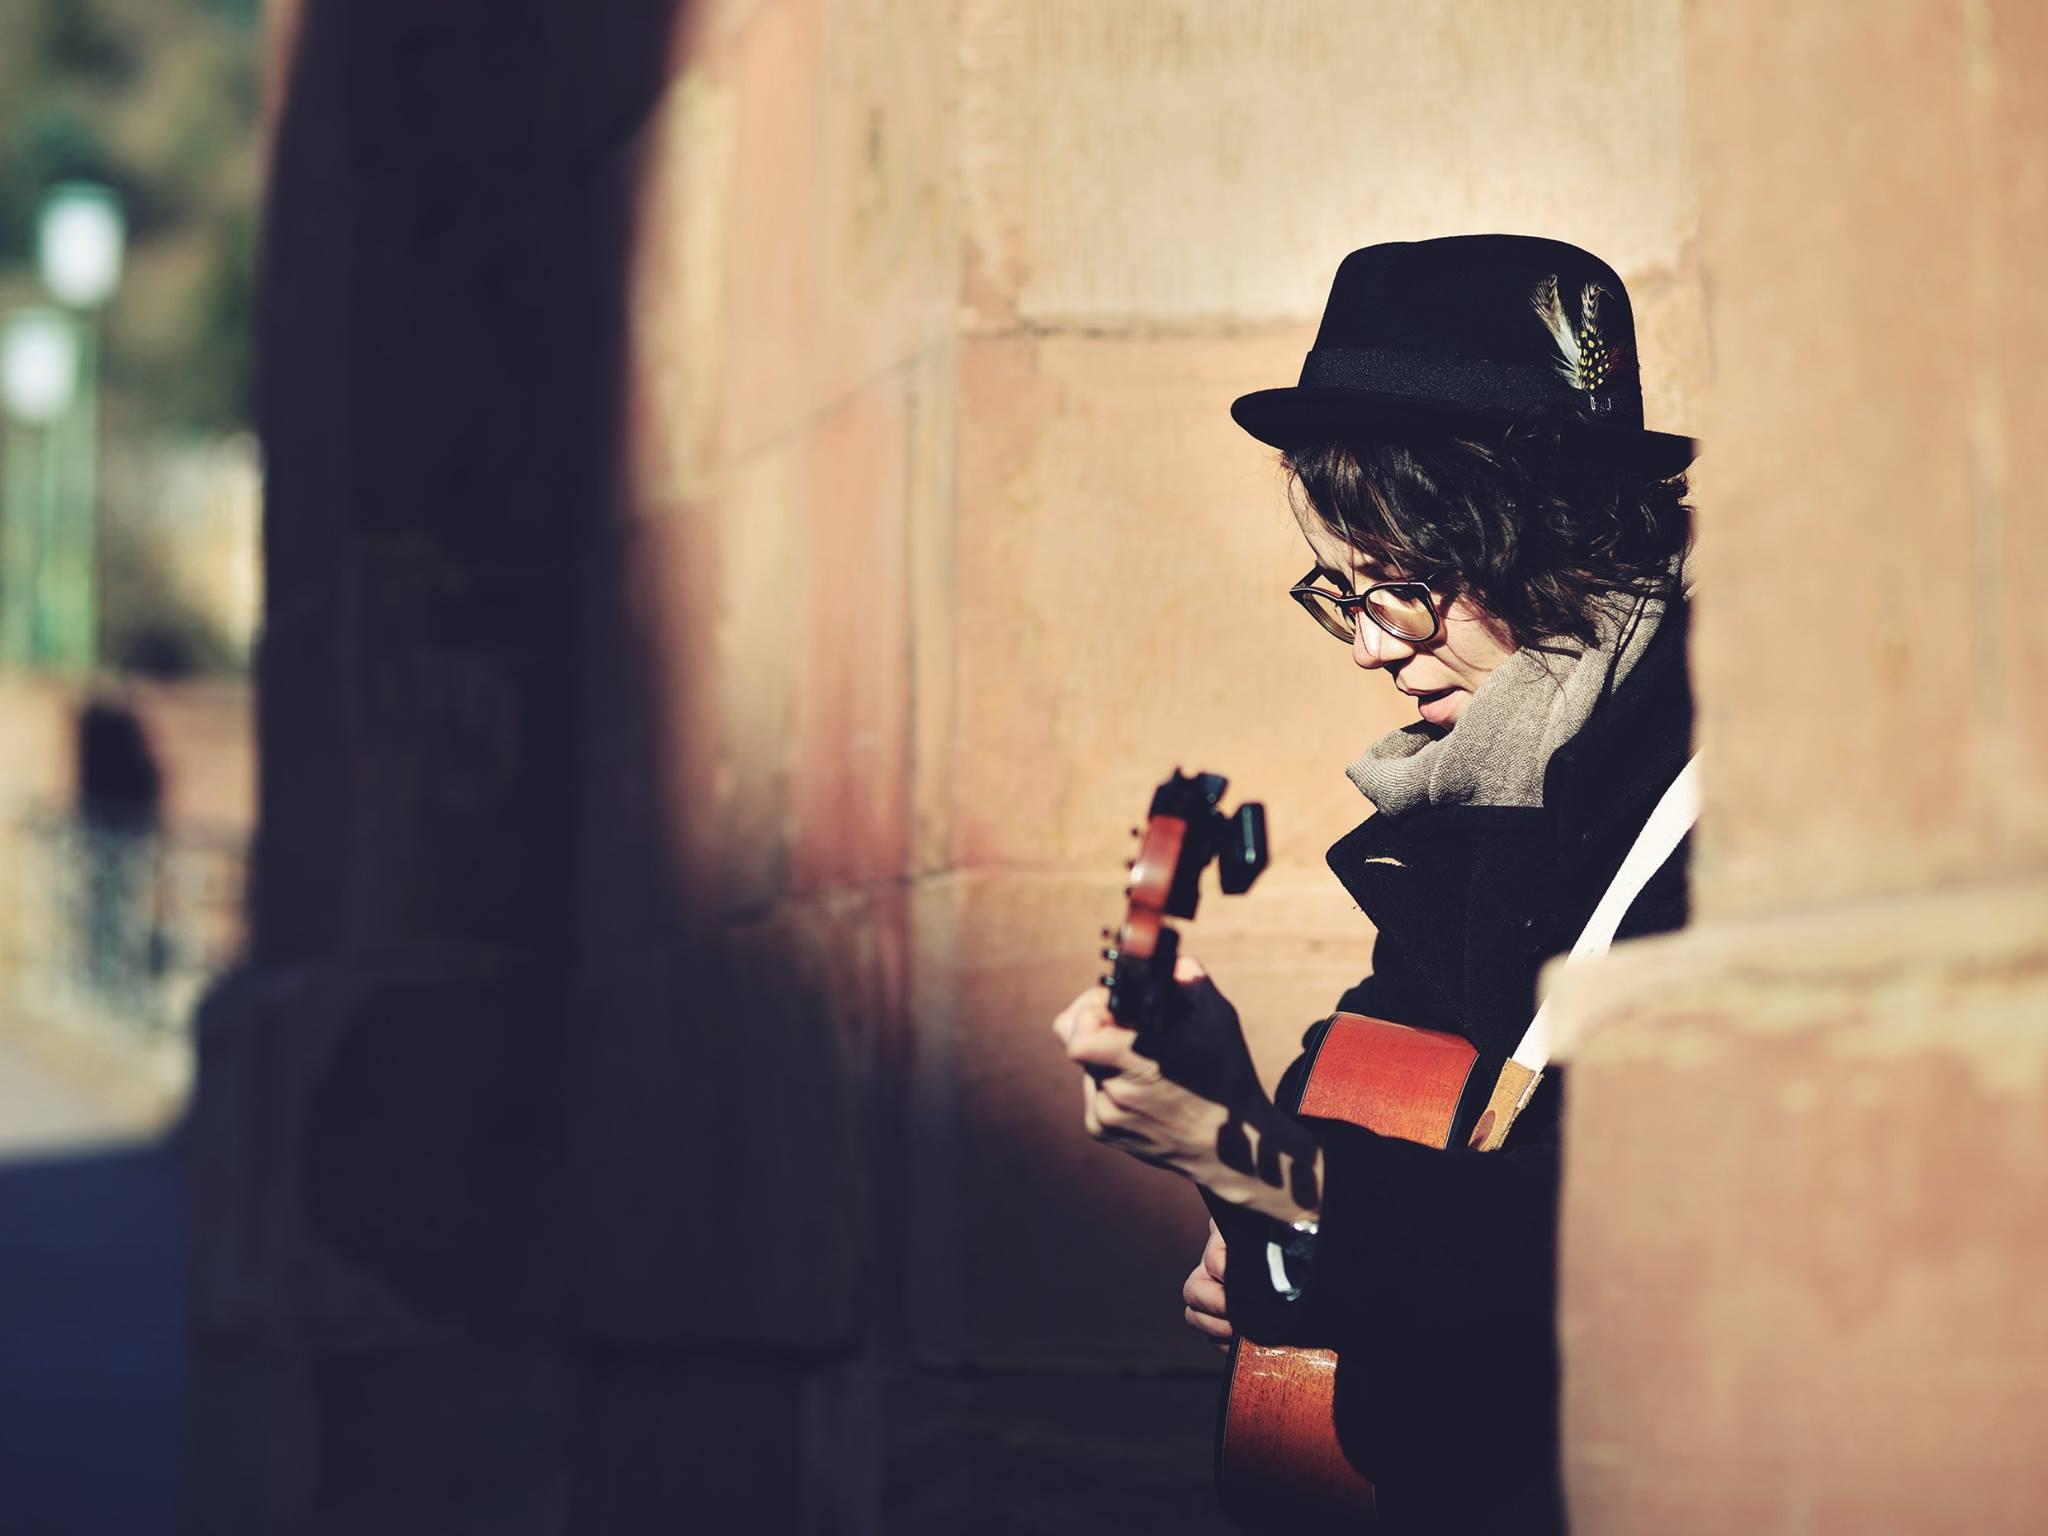 Foto: Daniel Kubirski. In Heidelberg kein seltener Gast: Die Straßenmusikerin Marie Otto.